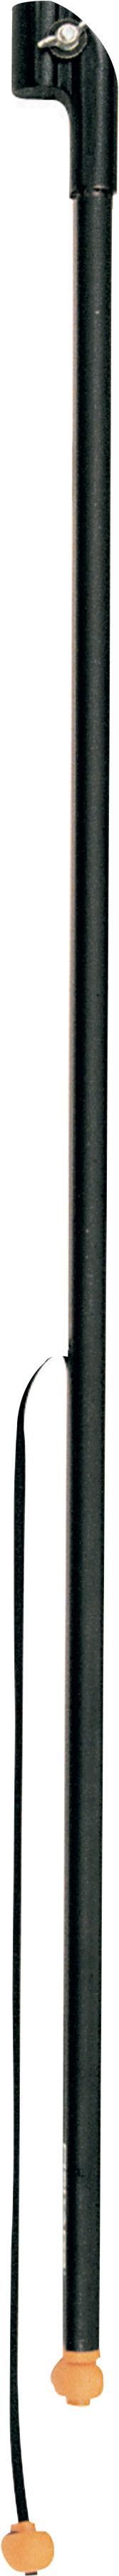 FS110460 Sekator sadowniczy Żyrafa - przedłużka, Fiskars